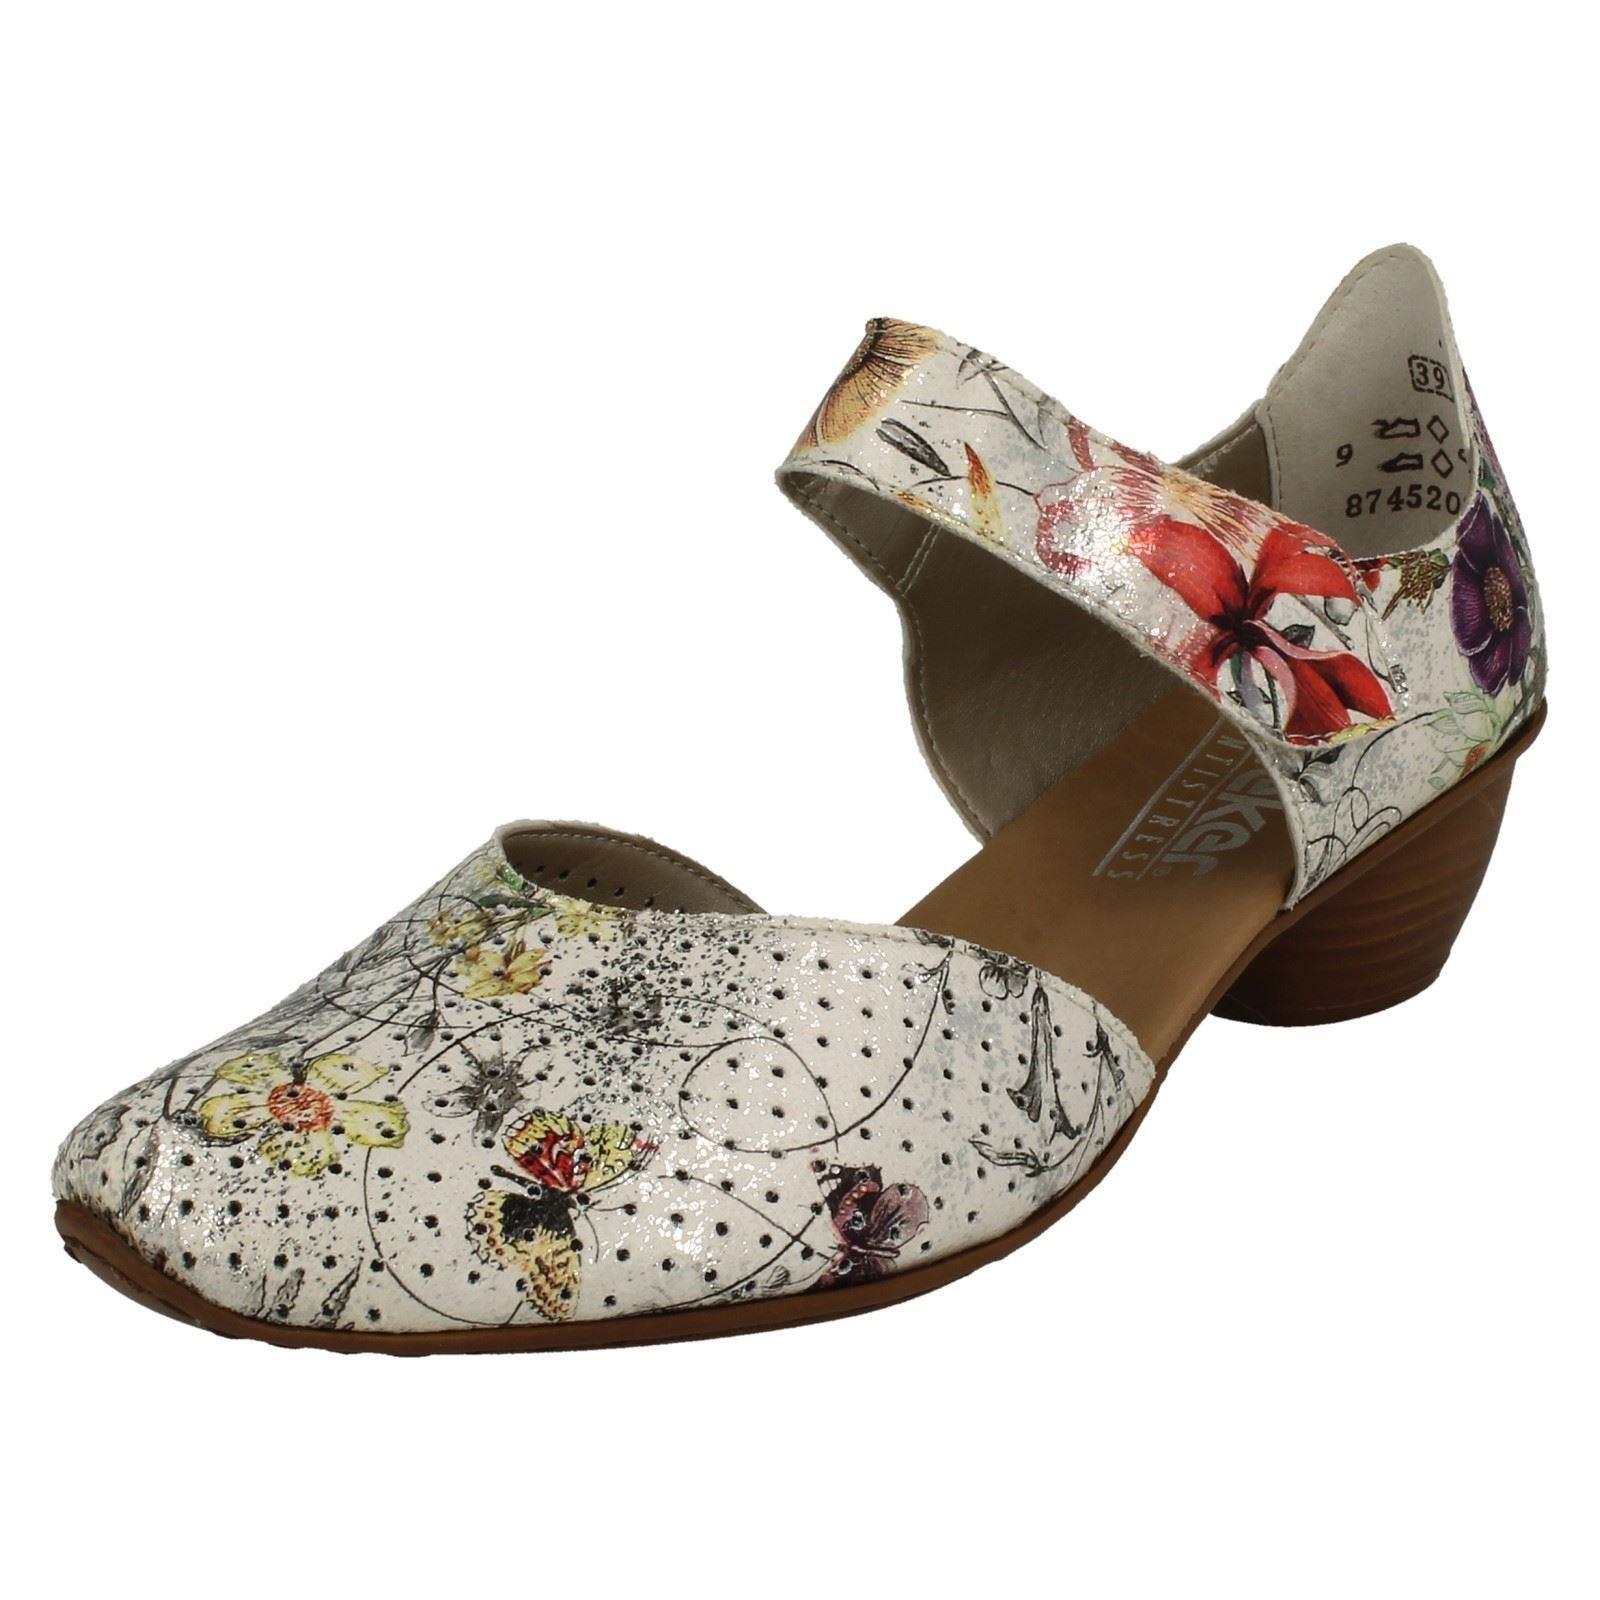 Gran descuento Descuento por tiempo limitado Rieker 43789 mujer flores Zapato